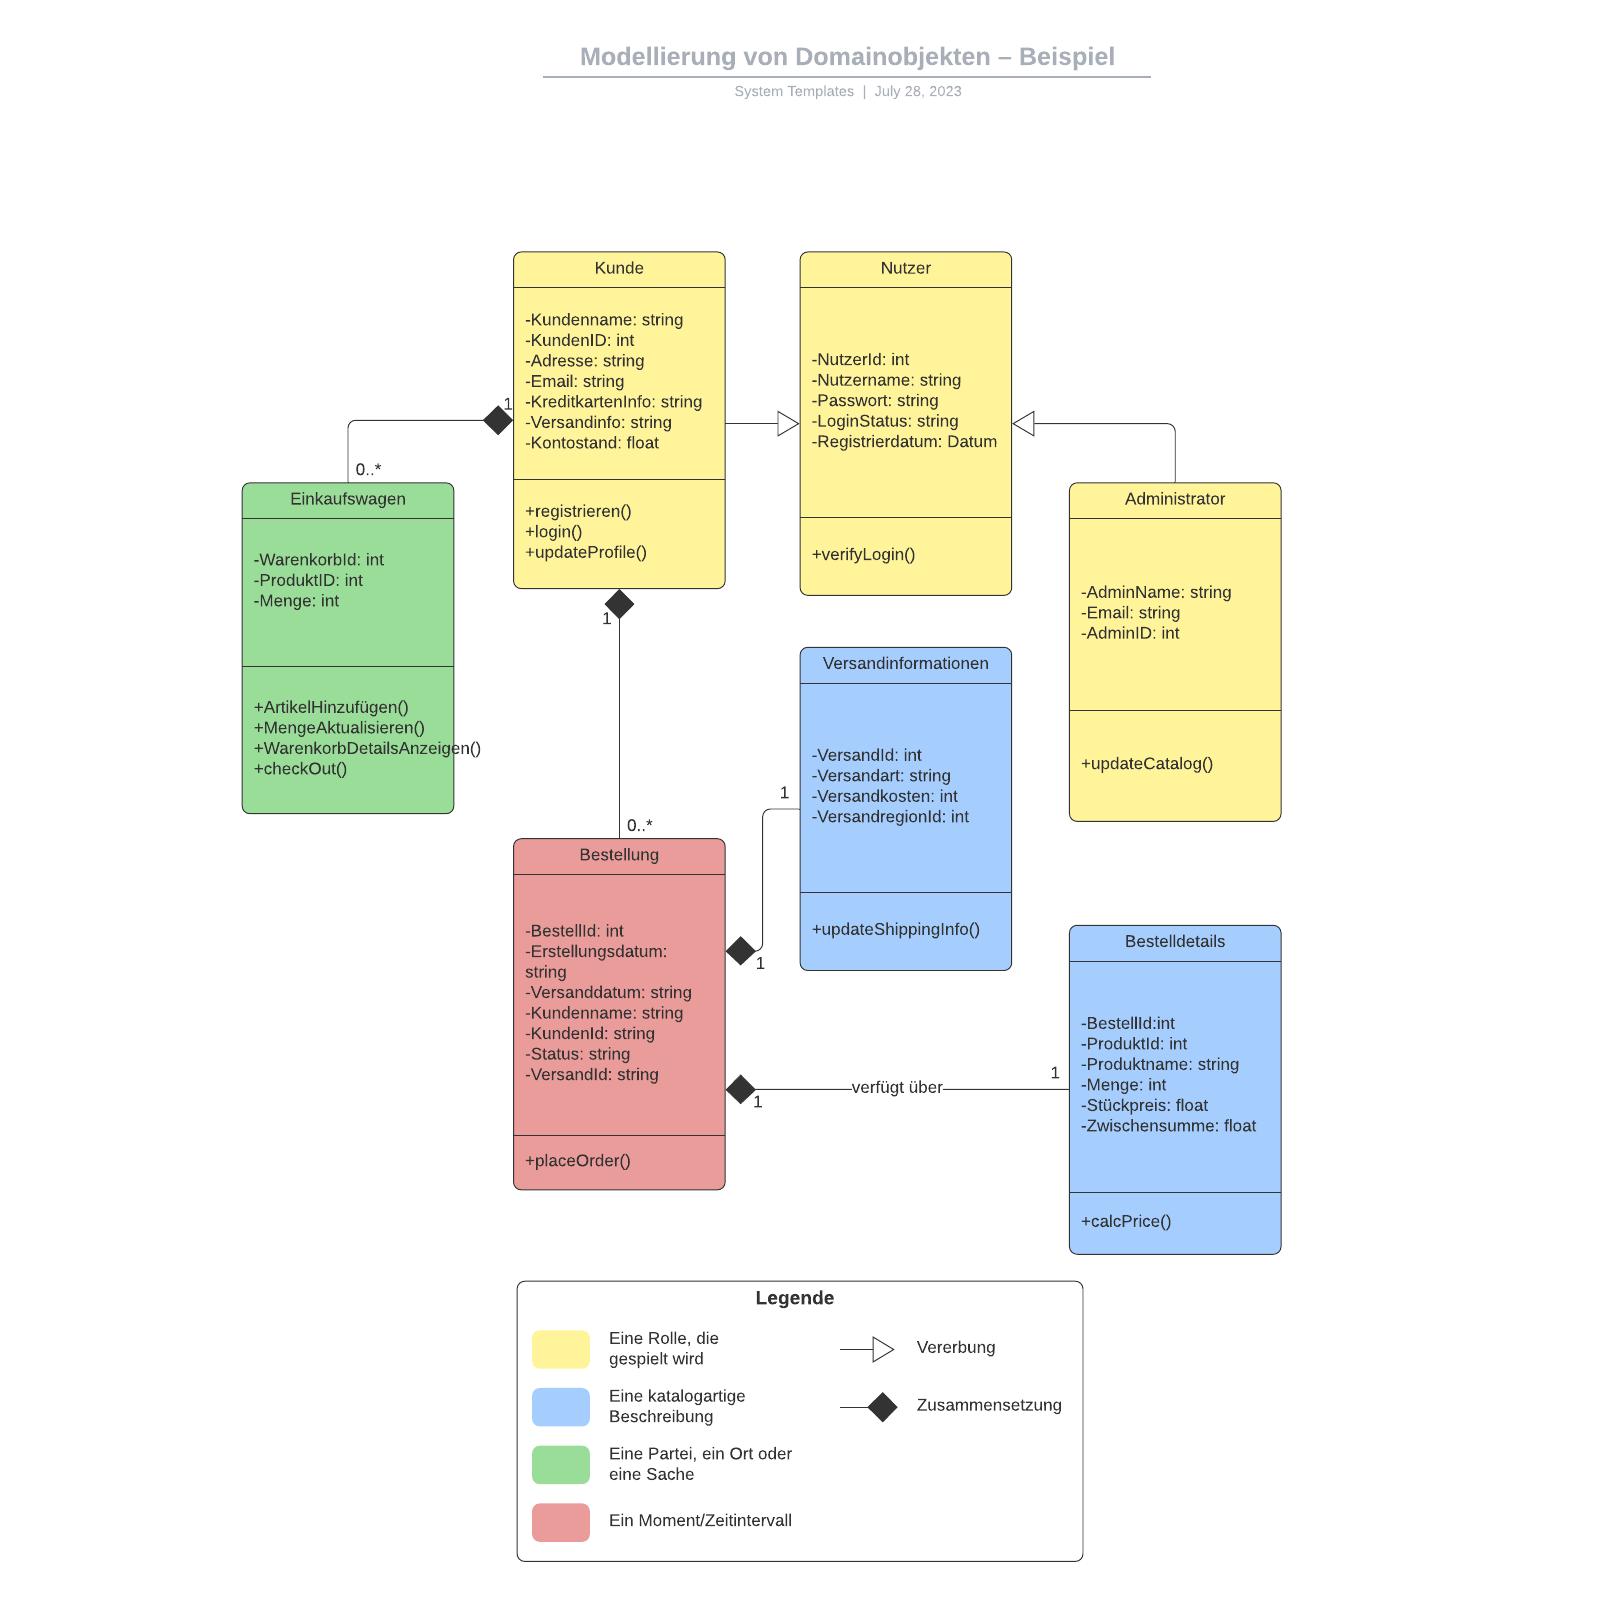 Modellierung von Domainobjekten– Beispiel